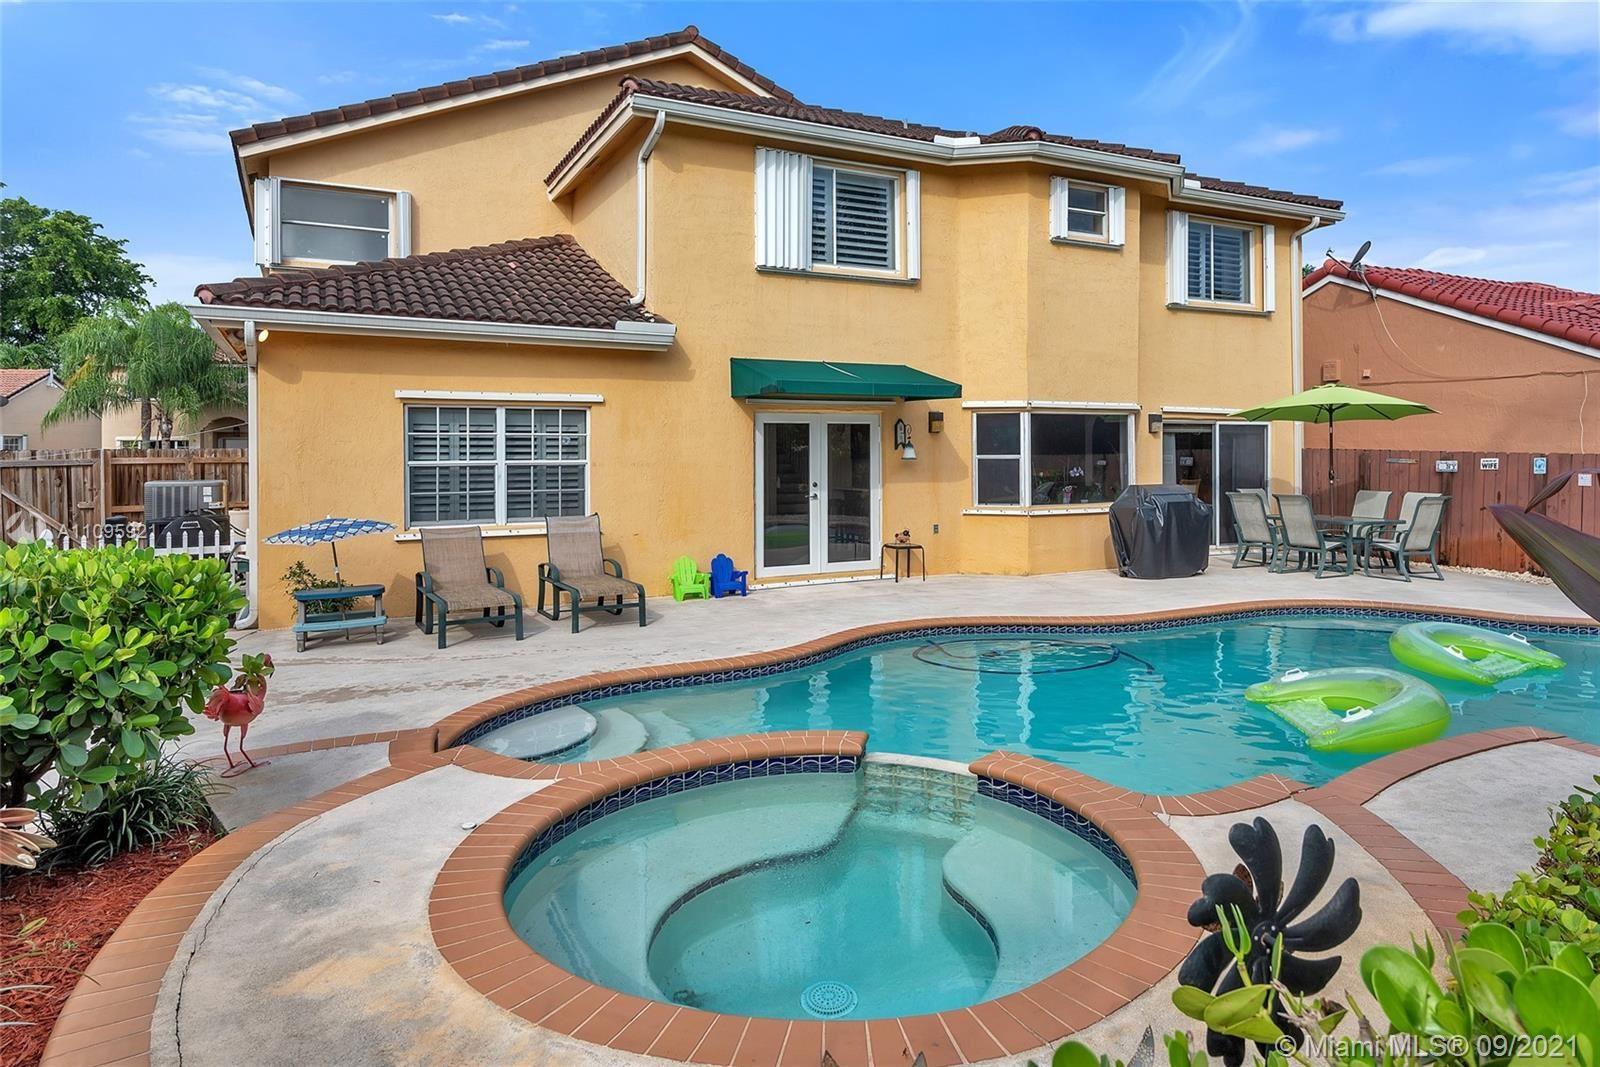 4671 SW 154th Pl, Miami, FL 33185 - #: A11095921